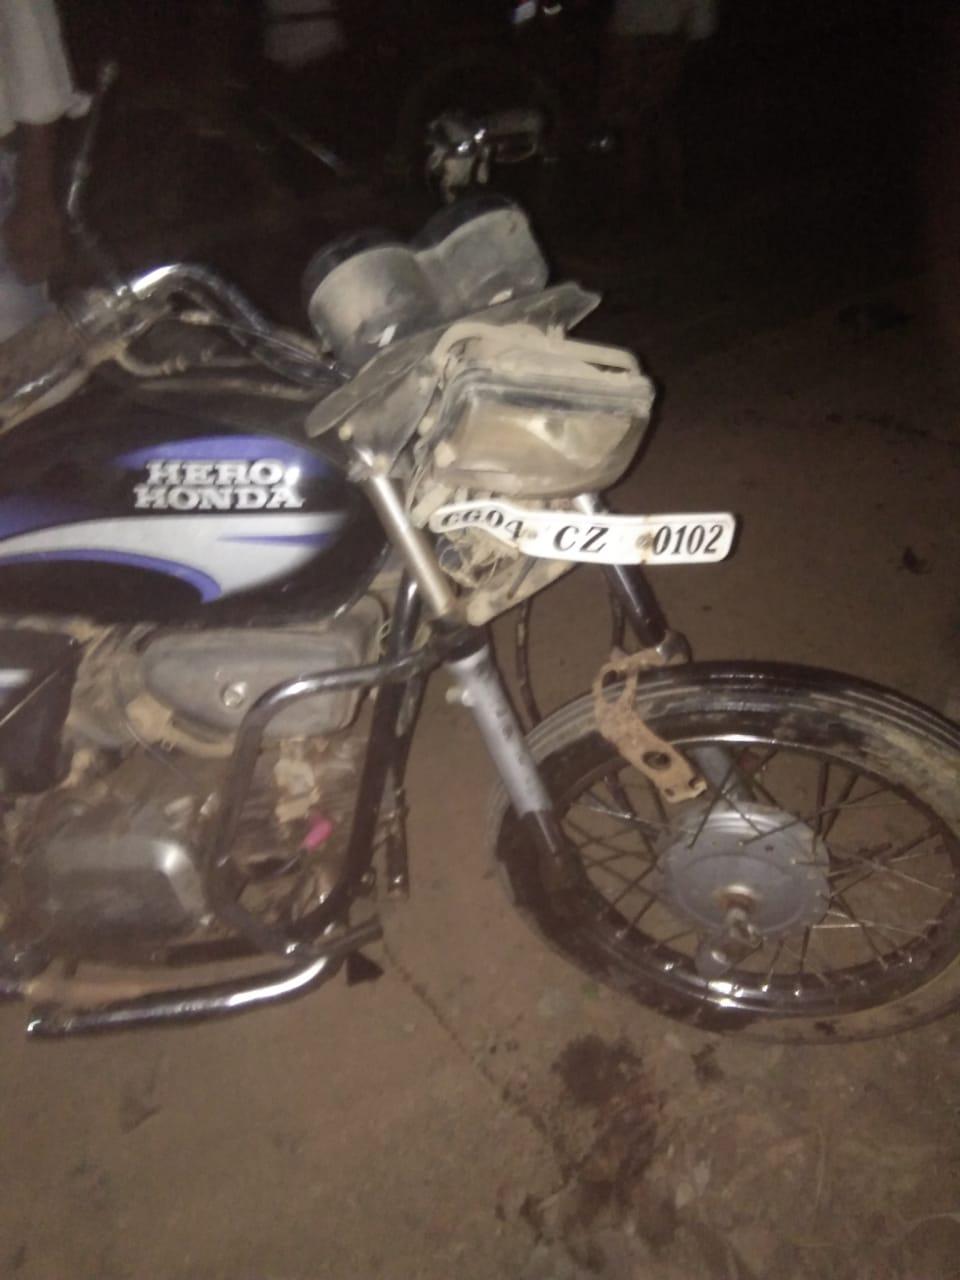 सड़क दुर्घटना: भोपालपटनम शिवरात्रि मेले में भिंडत से लौट रहे दो मोटरसाइकिल चालक, गंभीर हालत में एक, दो घायल